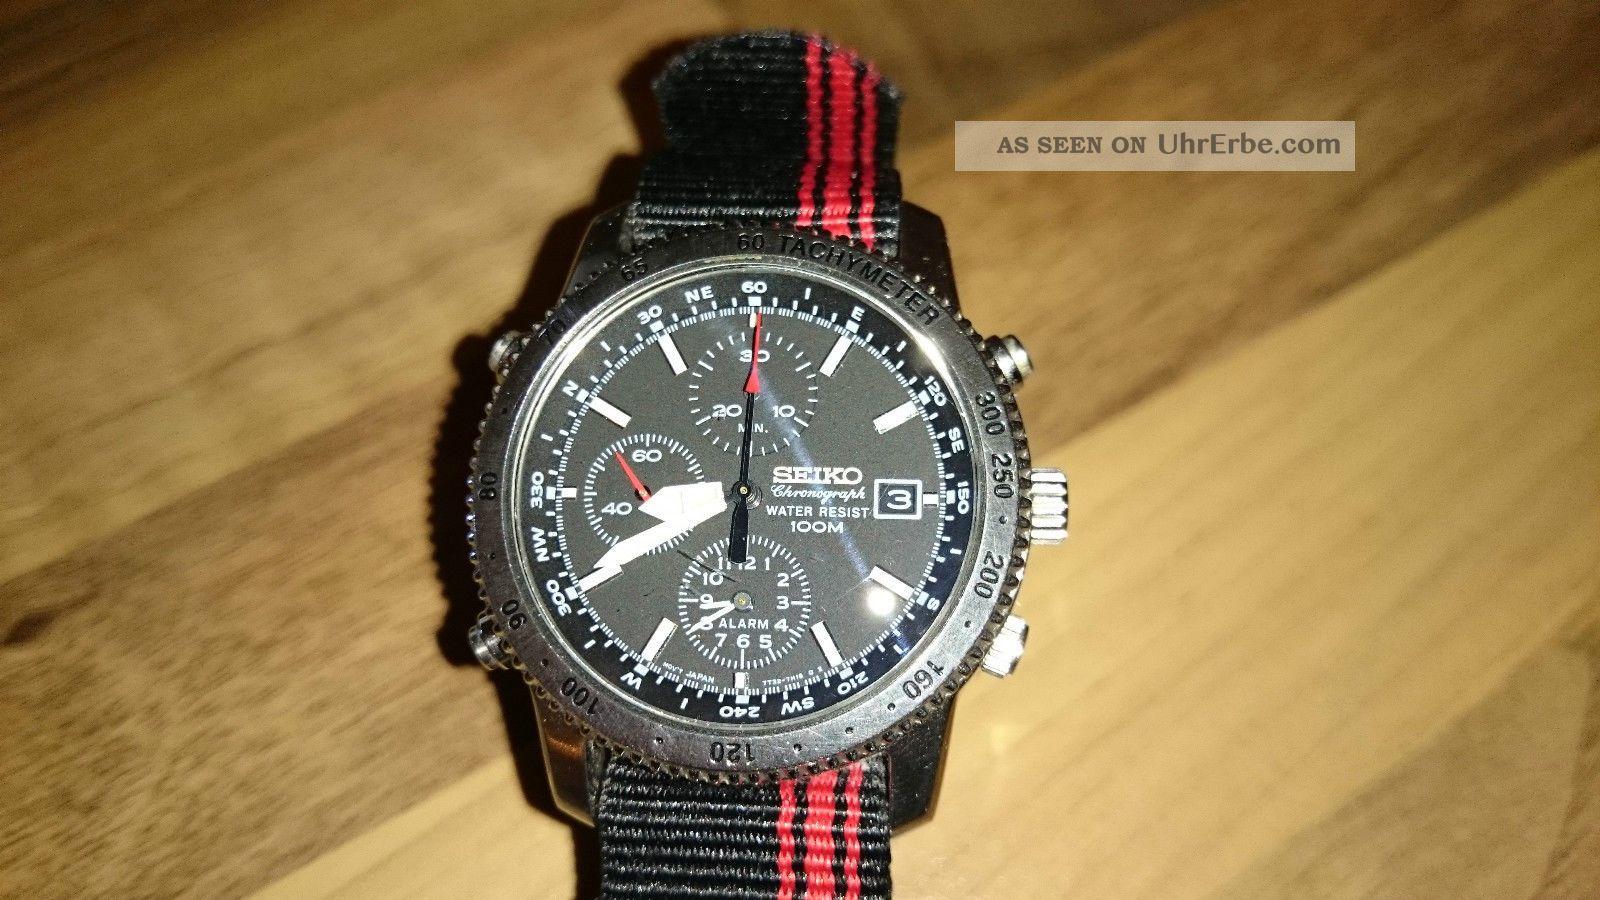 Seiko Chronograph 7t32 - 7e60 Mit Stoppfunktion Und Alarm Armbanduhren Bild